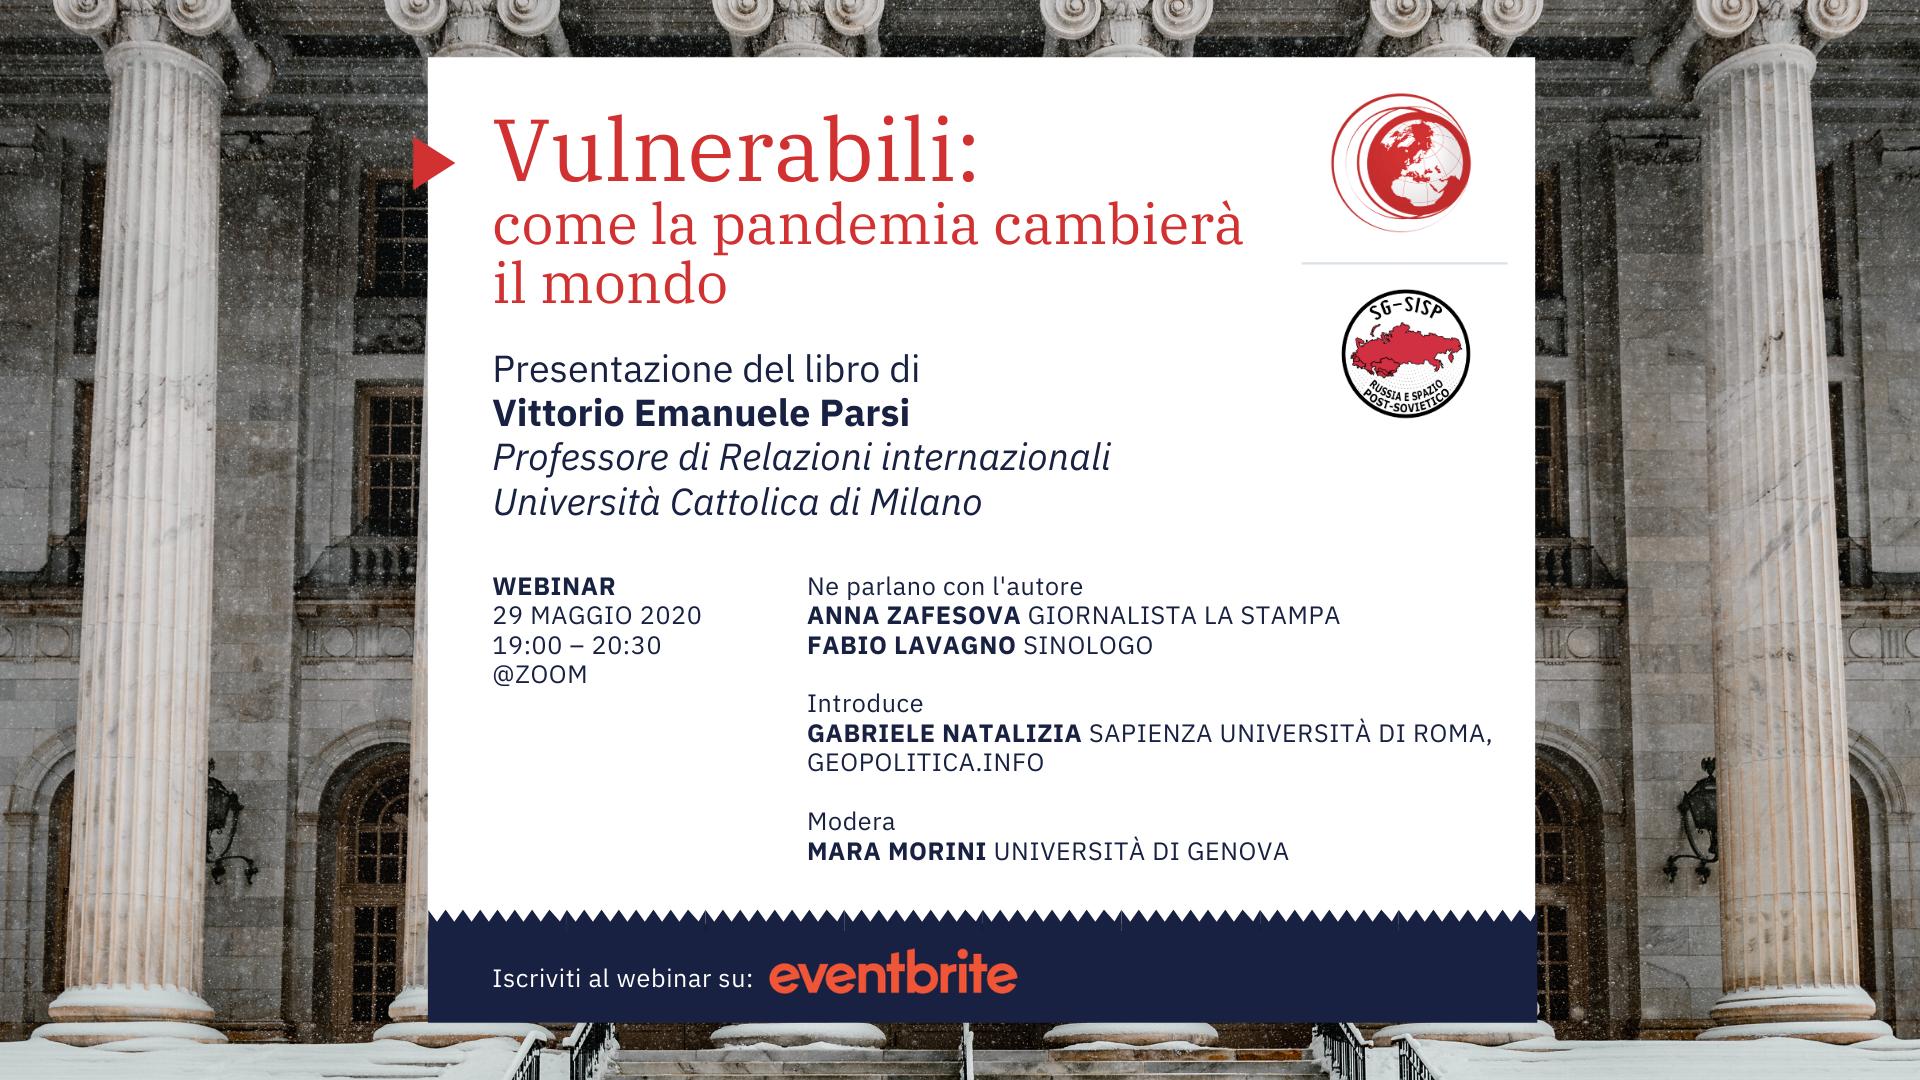 """Webinar """"Vulnerabili: come la pandemia cambierà il mondo"""" – 29/5/2020, h. 19 - Geopolitica.info"""